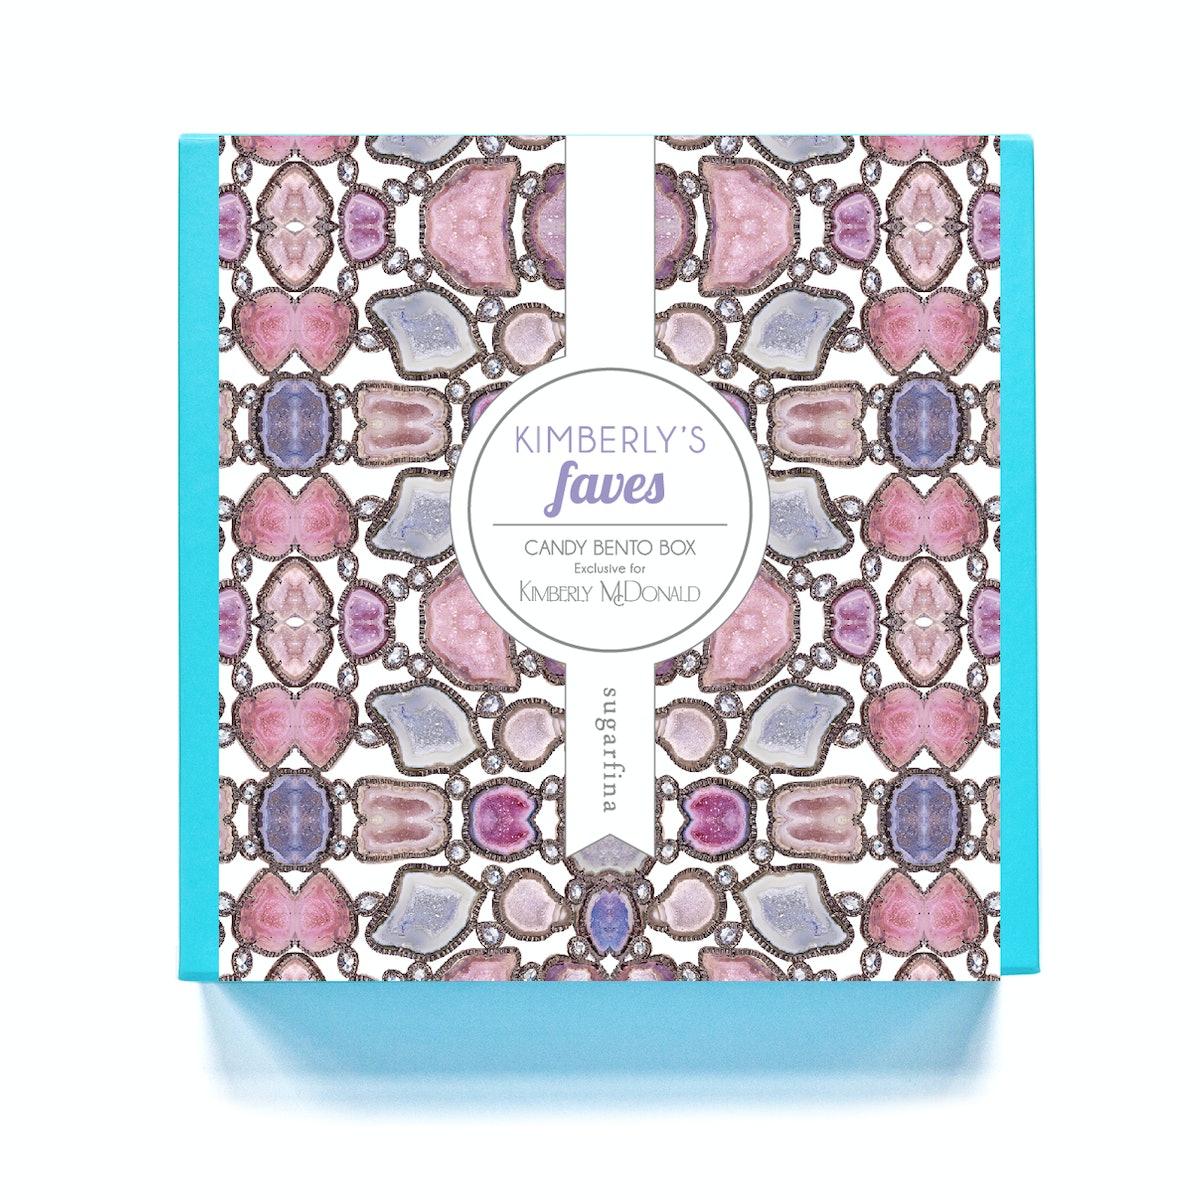 Sugarfina candy box by Kimberly McDonald